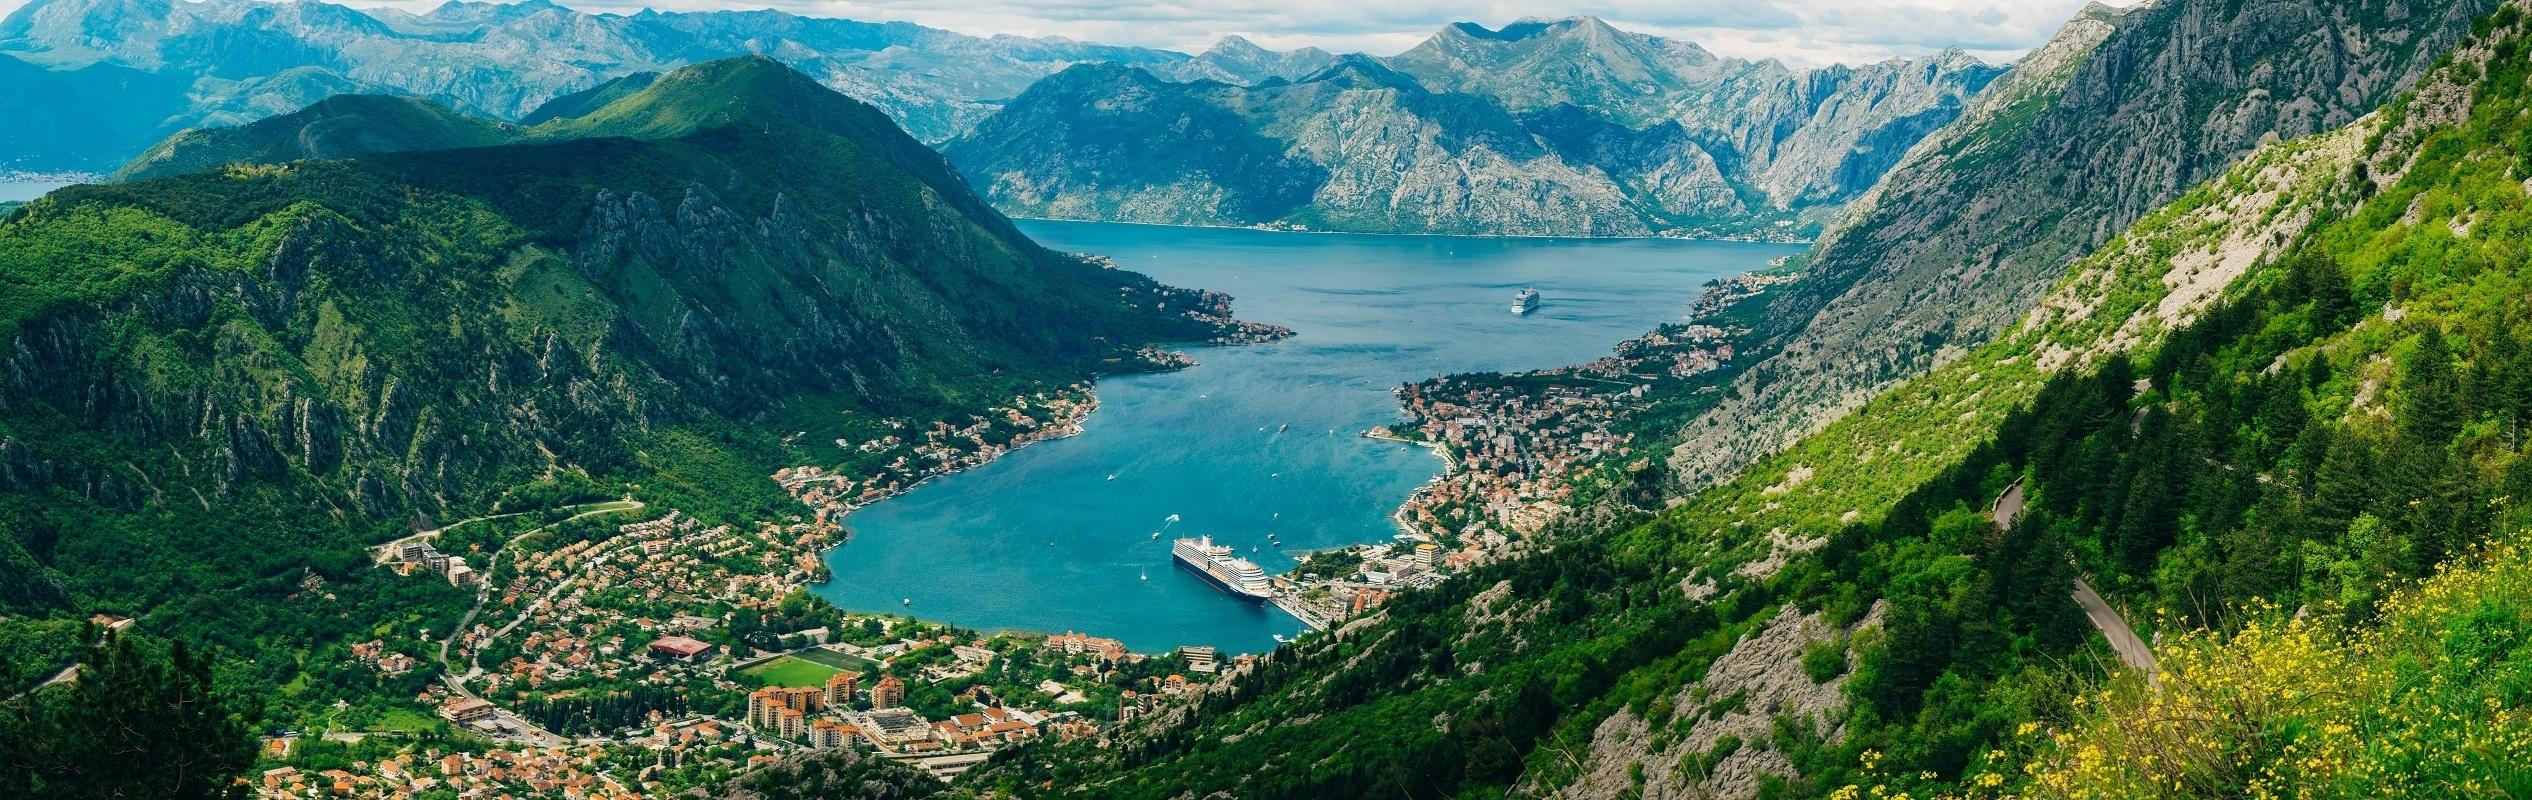 Экскурсия Open Balkans: откройте Балканы с опытными гидами